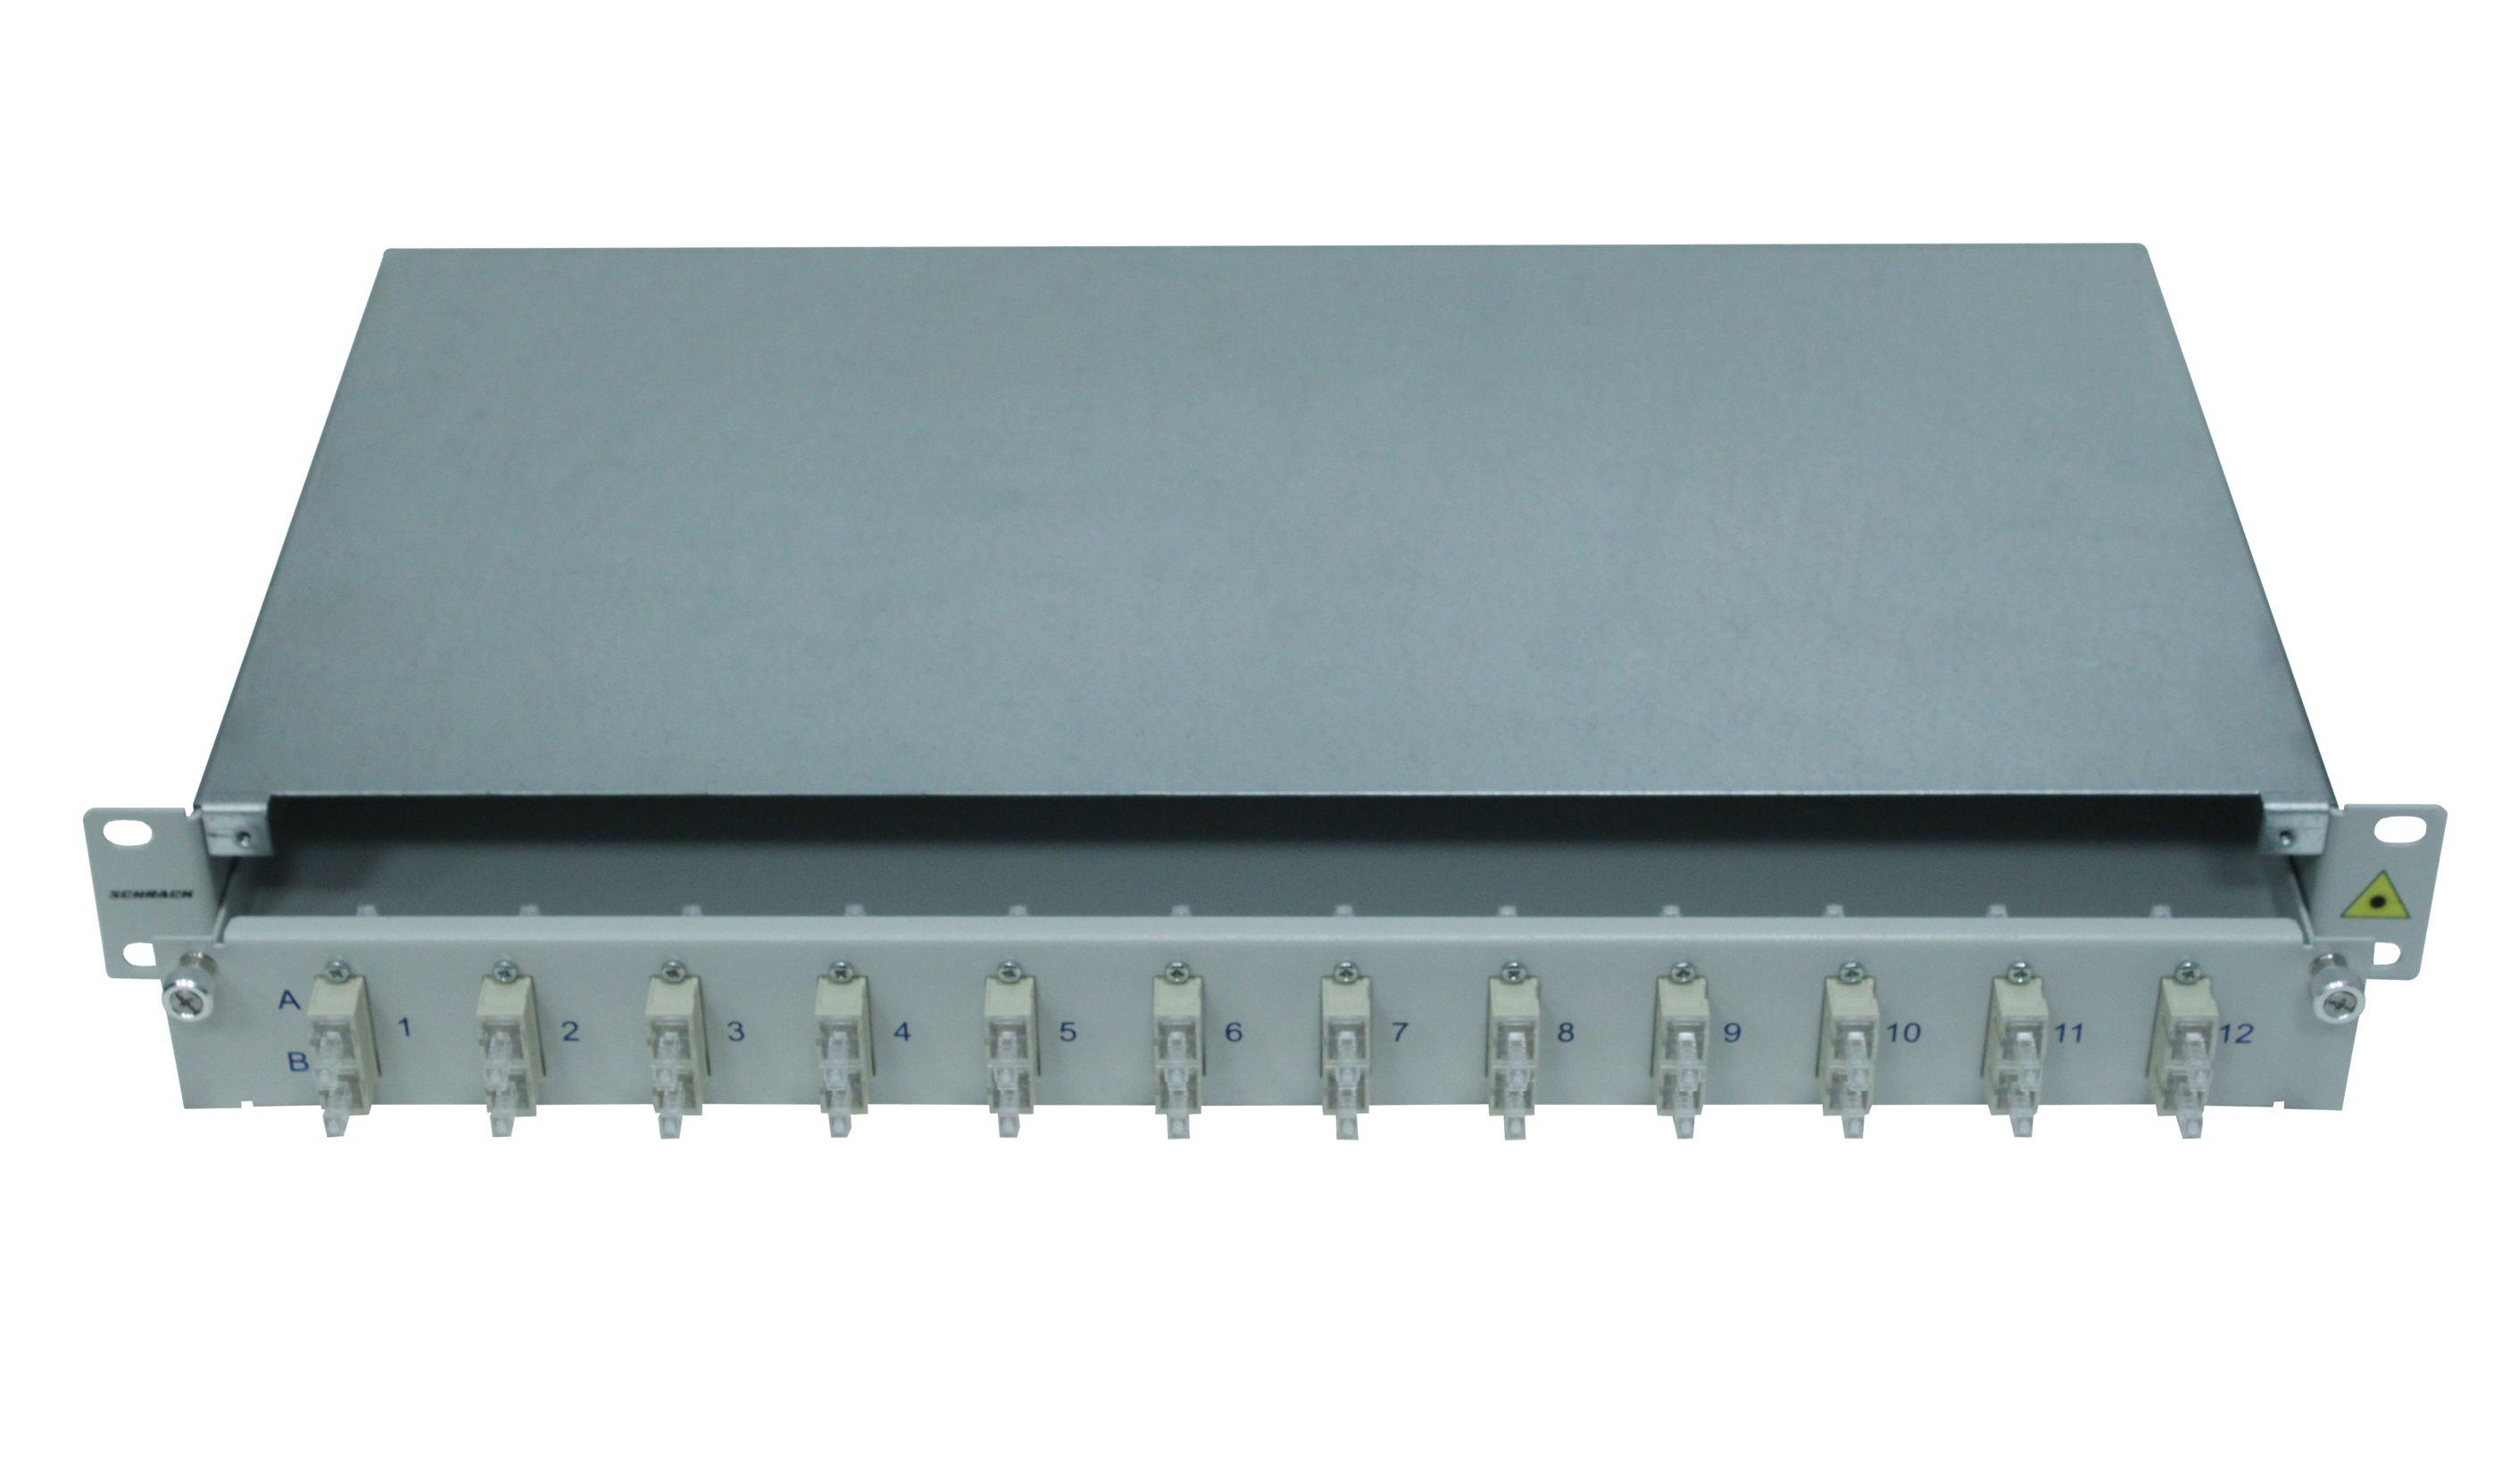 1 Stk LWL Patchpanel 19, 1 HE, ausziehbar, für 4 Fasern, SC, MM HSELS04MCG